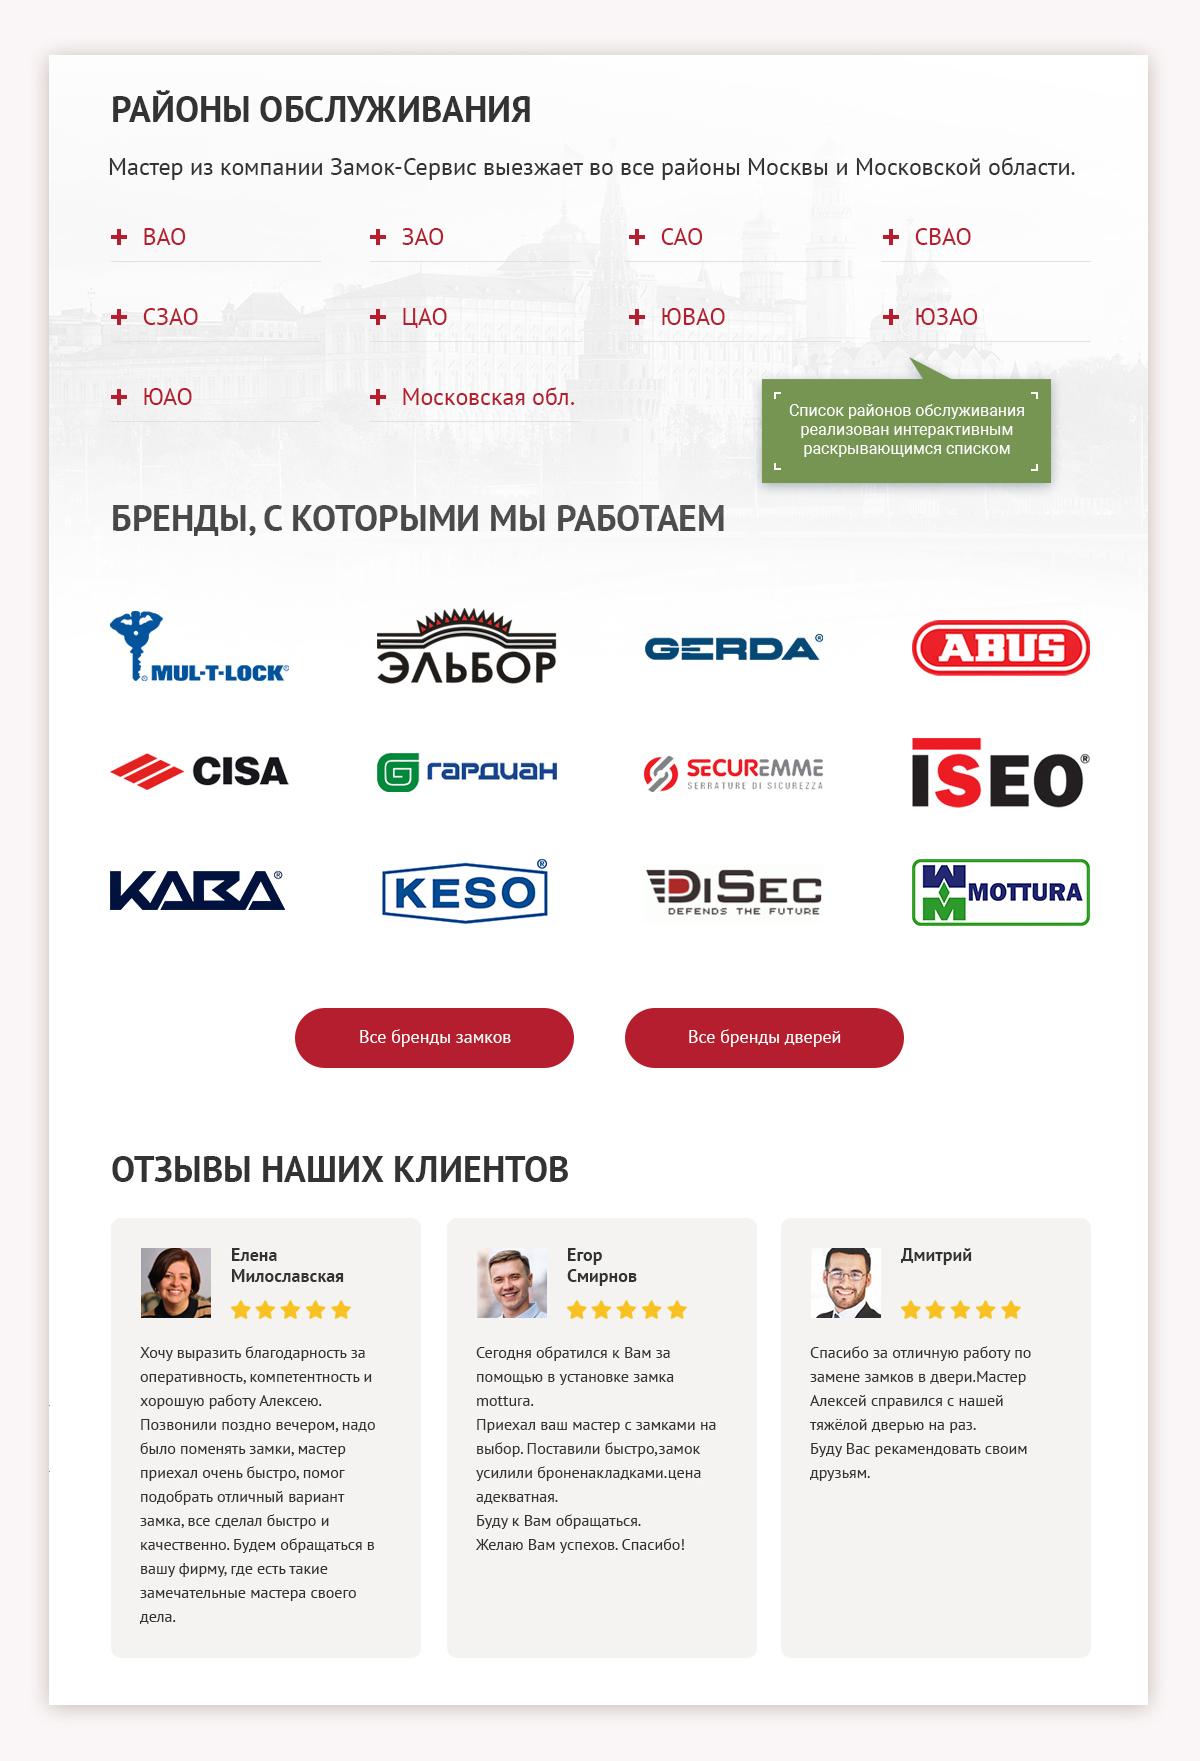 Дизайн некоторых блоков на главной странице сайта